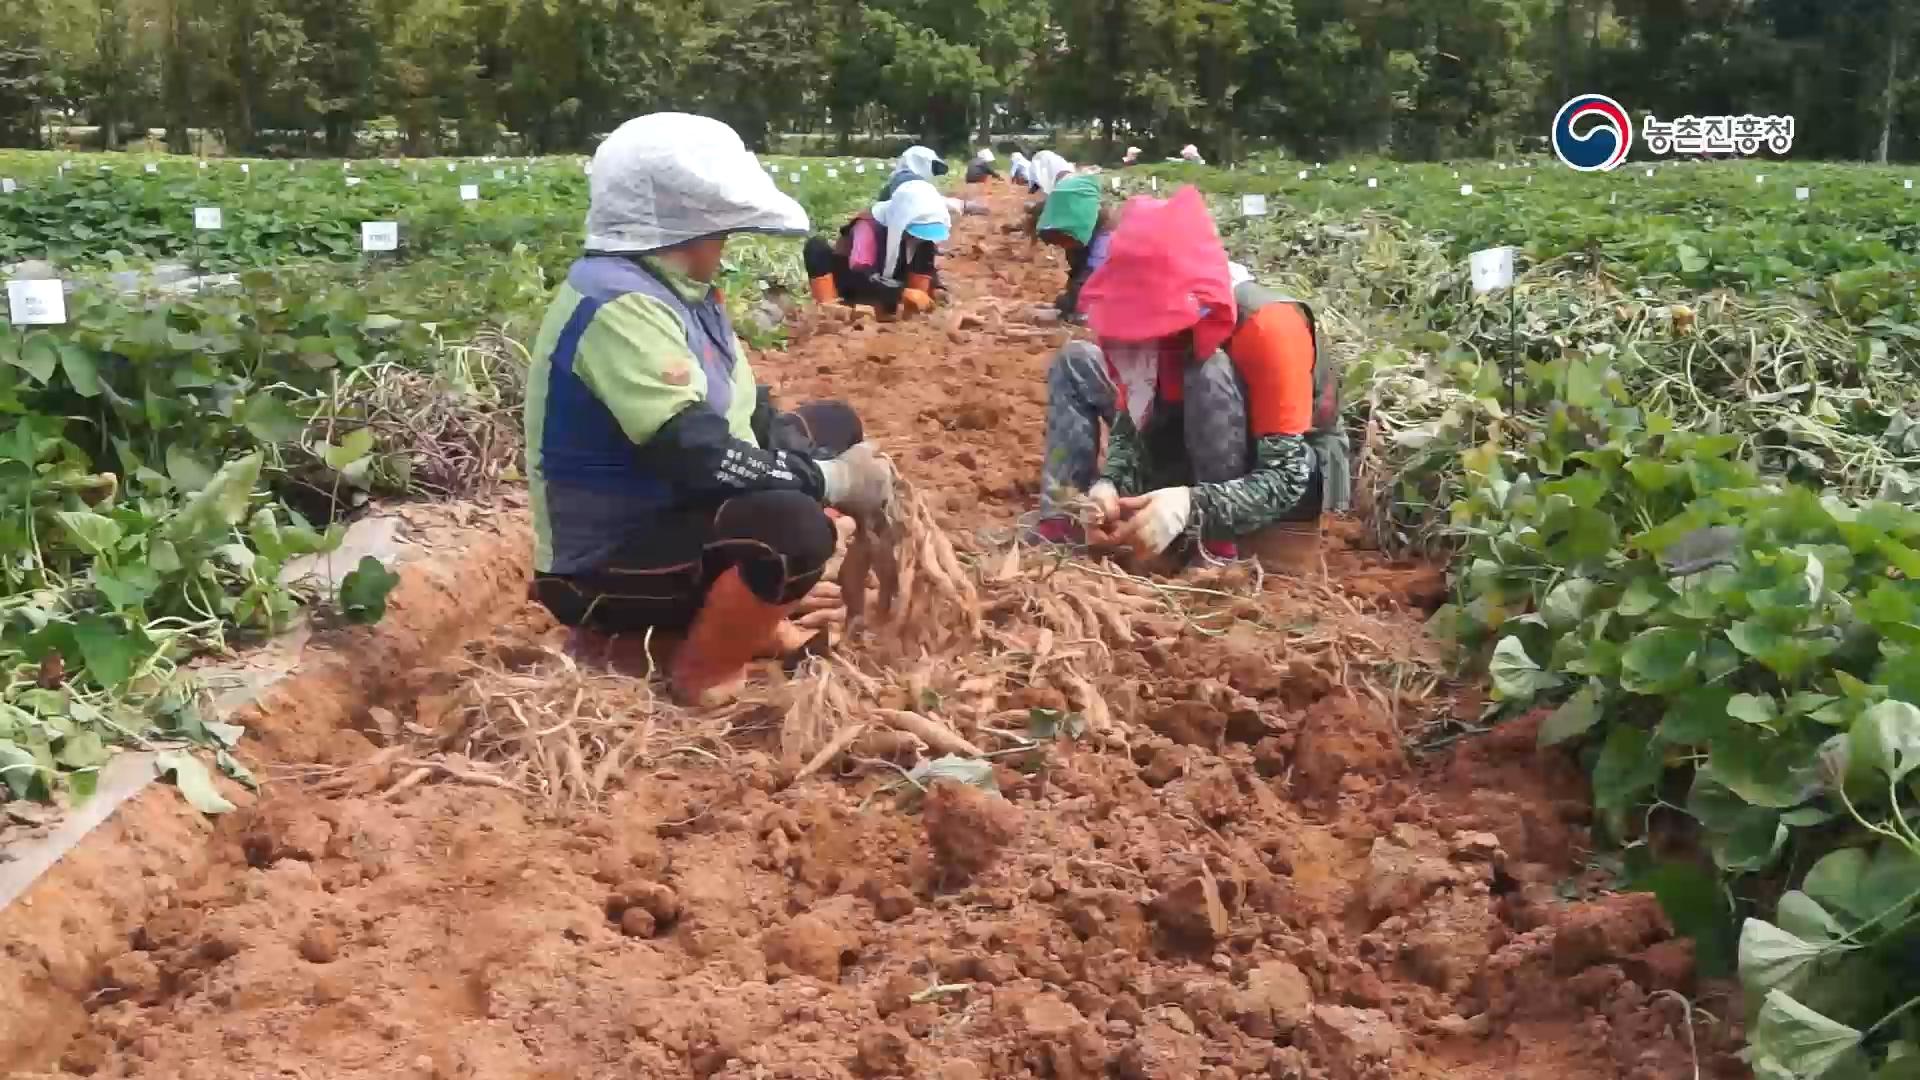 고구마 재배하기